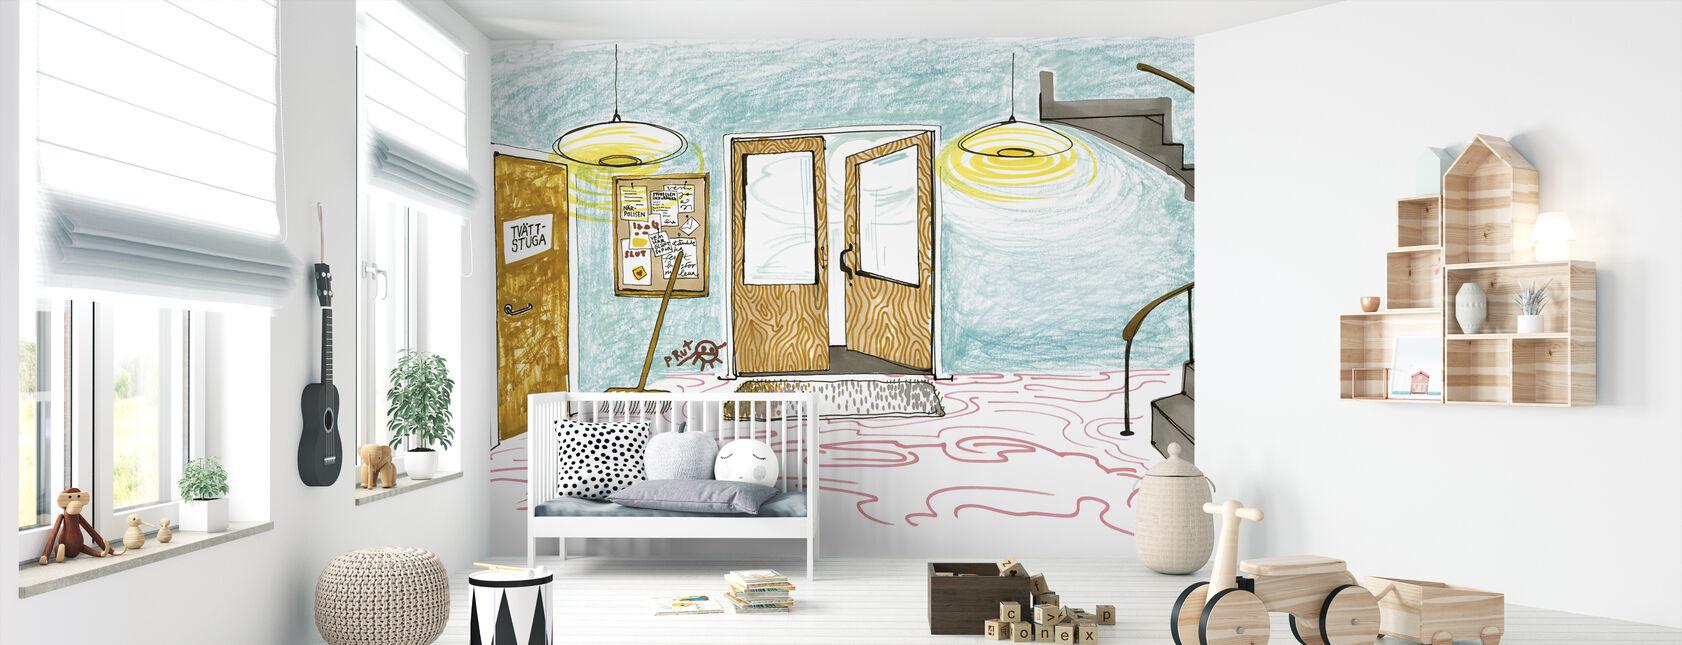 Stairway enclosures - Wallpaper - Nursery